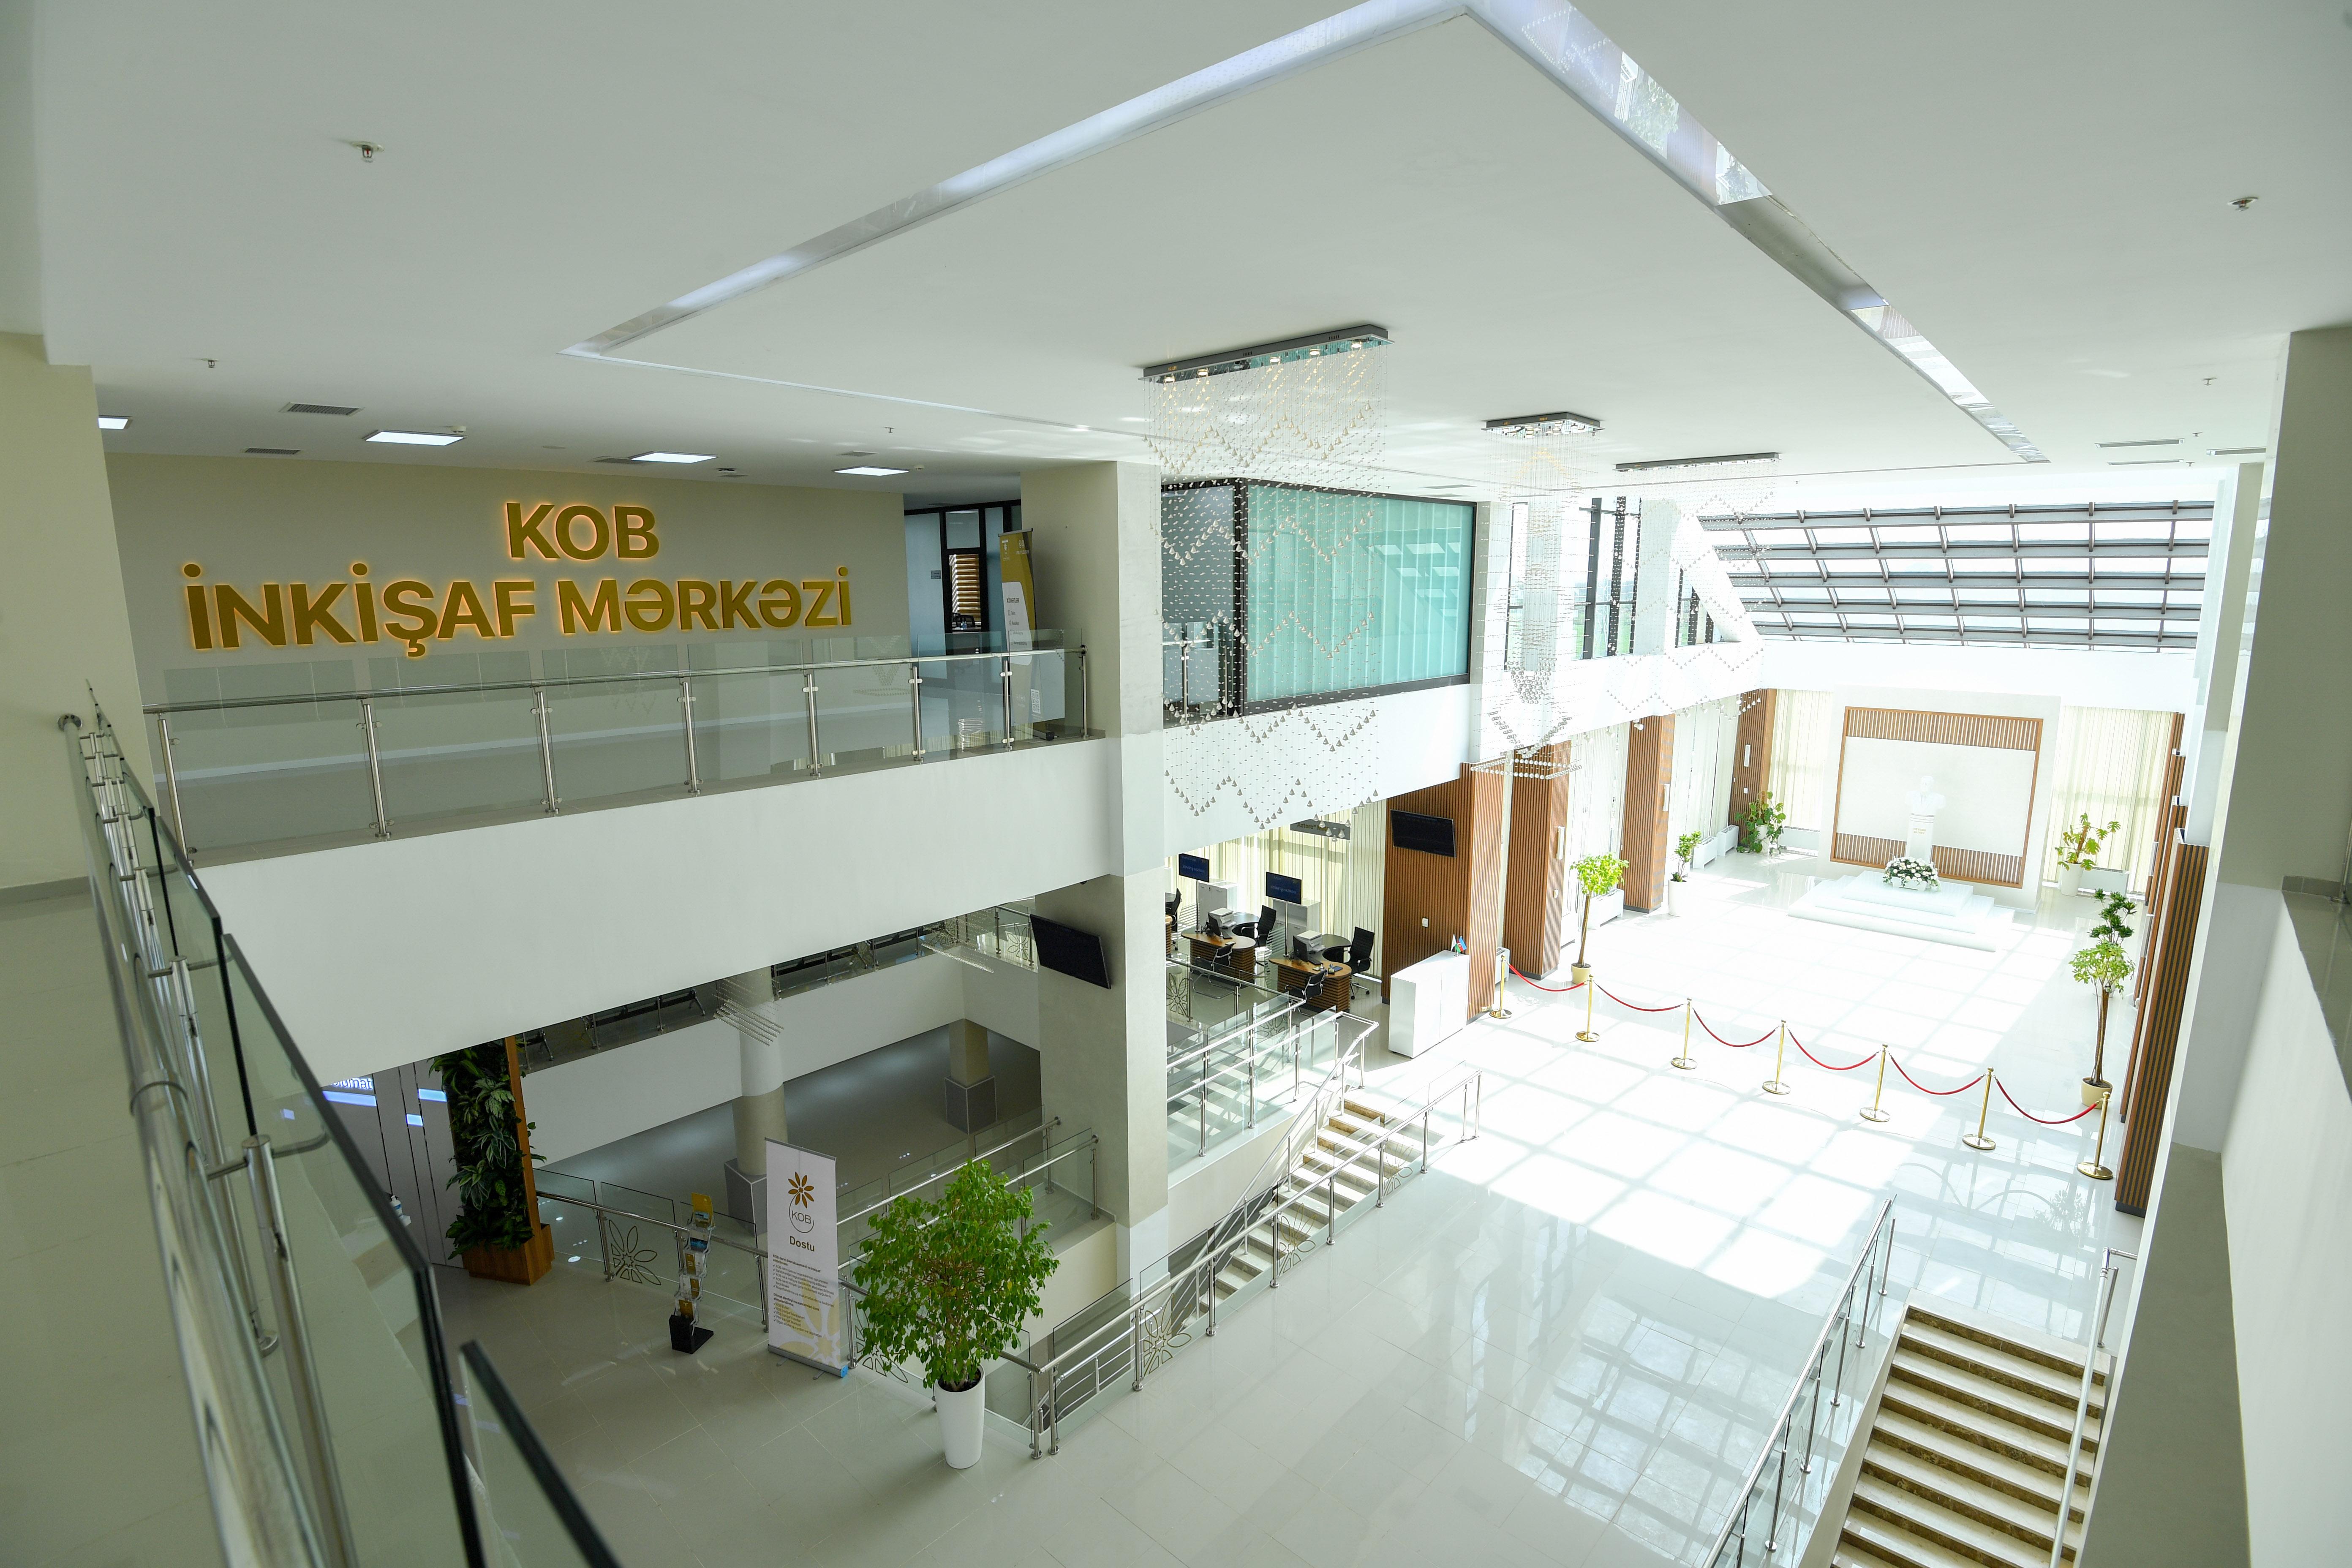 Free trainings are held for entrepreneurs